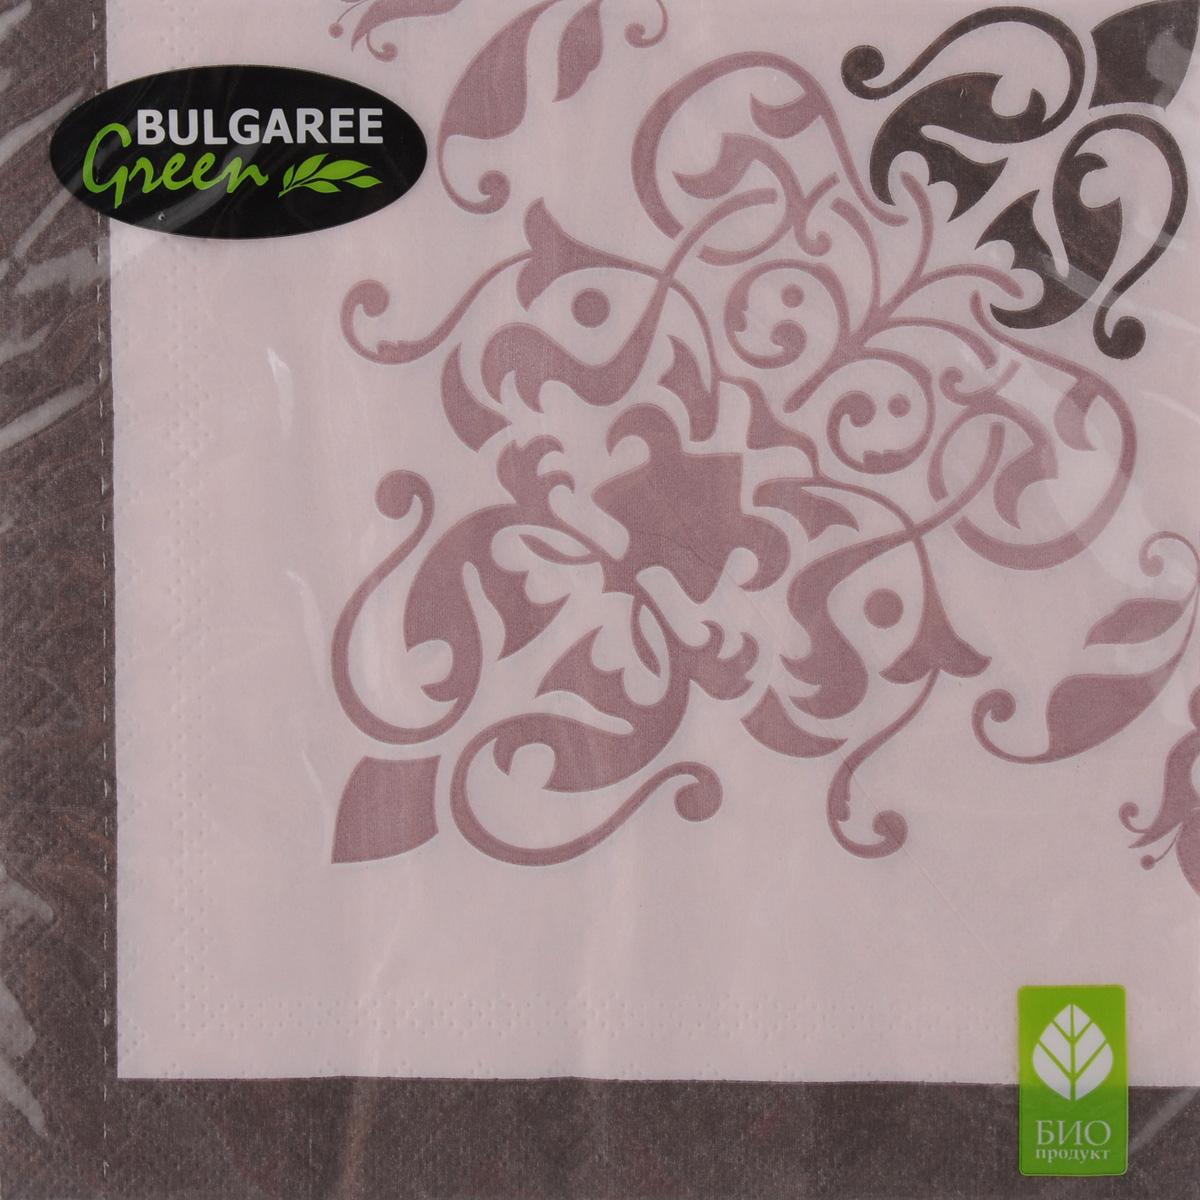 Салфетки бумажные Bulgaree Green Классика. Перфетто, трехслойные, 33 х 33 см, 20 шт1002238Декоративные трехслойные салфетки Bulgaree Green Классика. Перфеттовыполнены из 100%целлюлозы европейского качества и оформлены ярким рисунком. Изделиястанут отличнымдополнением любого праздничного стола. Они отличаются необычноймягкостью,прочностью и оригинальностью.Размер салфеток в развернутом виде: 33 х 33 см.